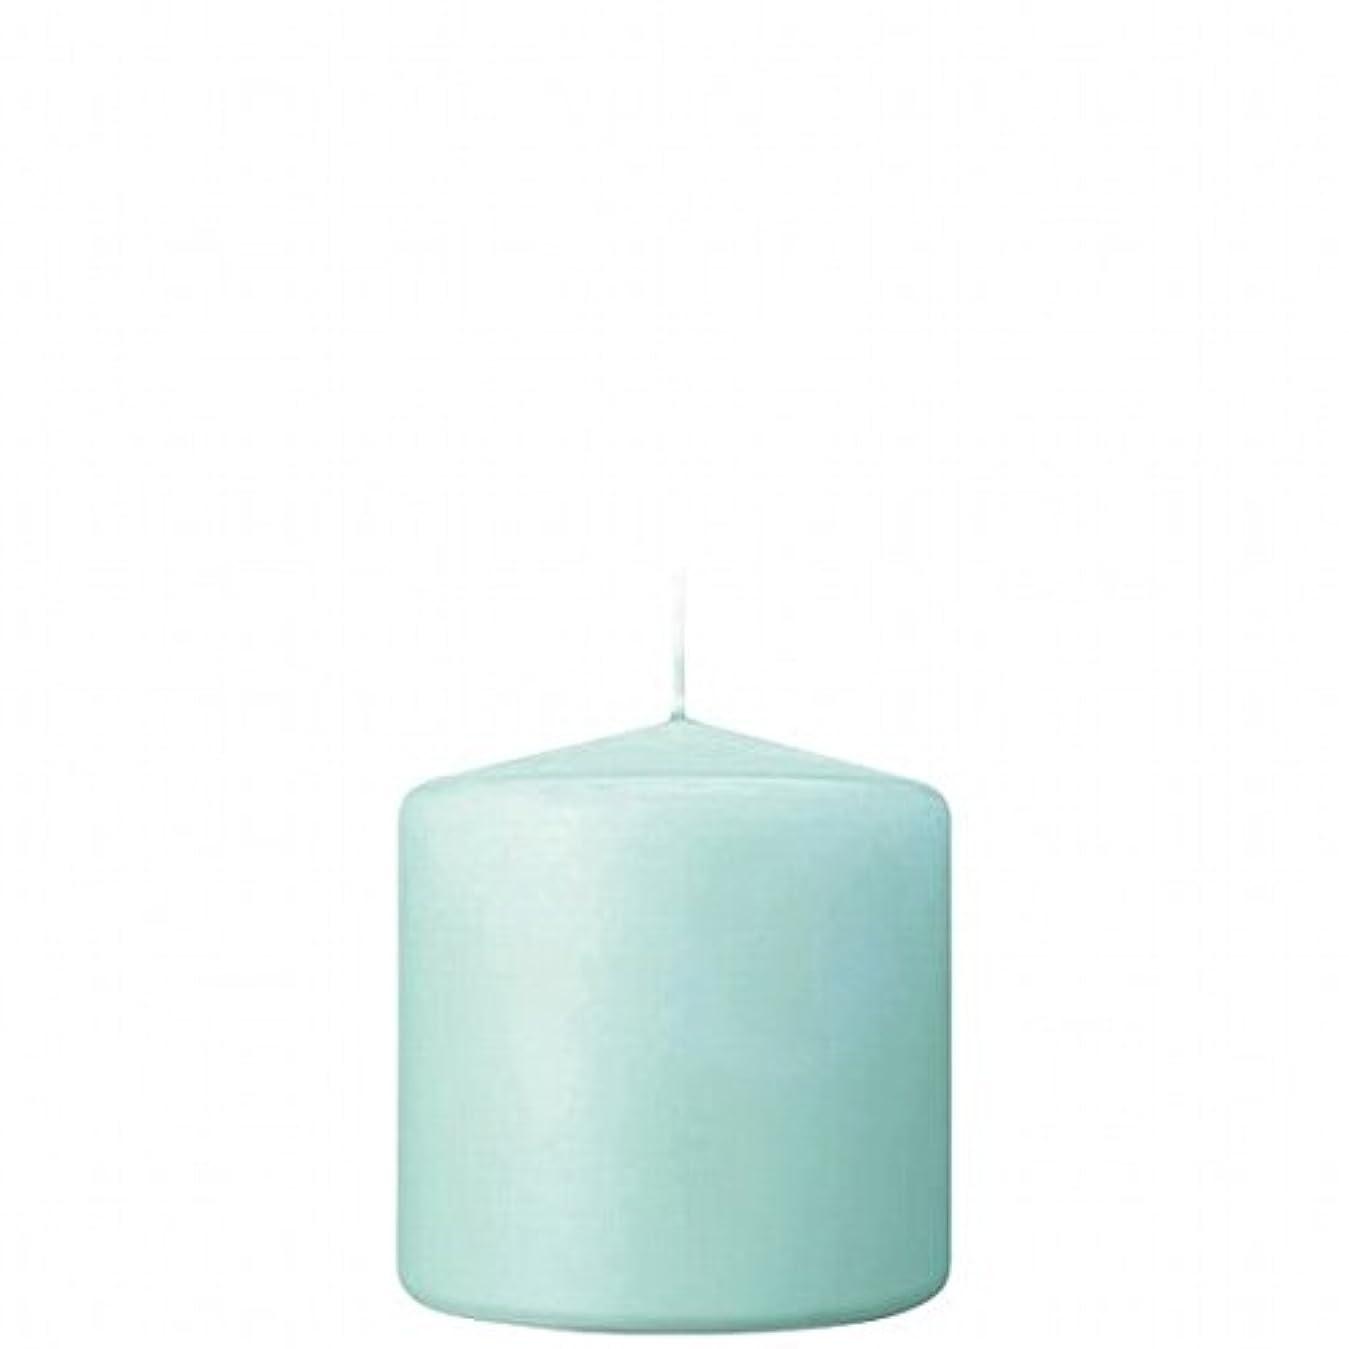 不適切なドラマ飛行場kameyama candle(カメヤマキャンドル) 3×3ベルトップピラーキャンドル 「 ライトブルー 」(A9730000LB)